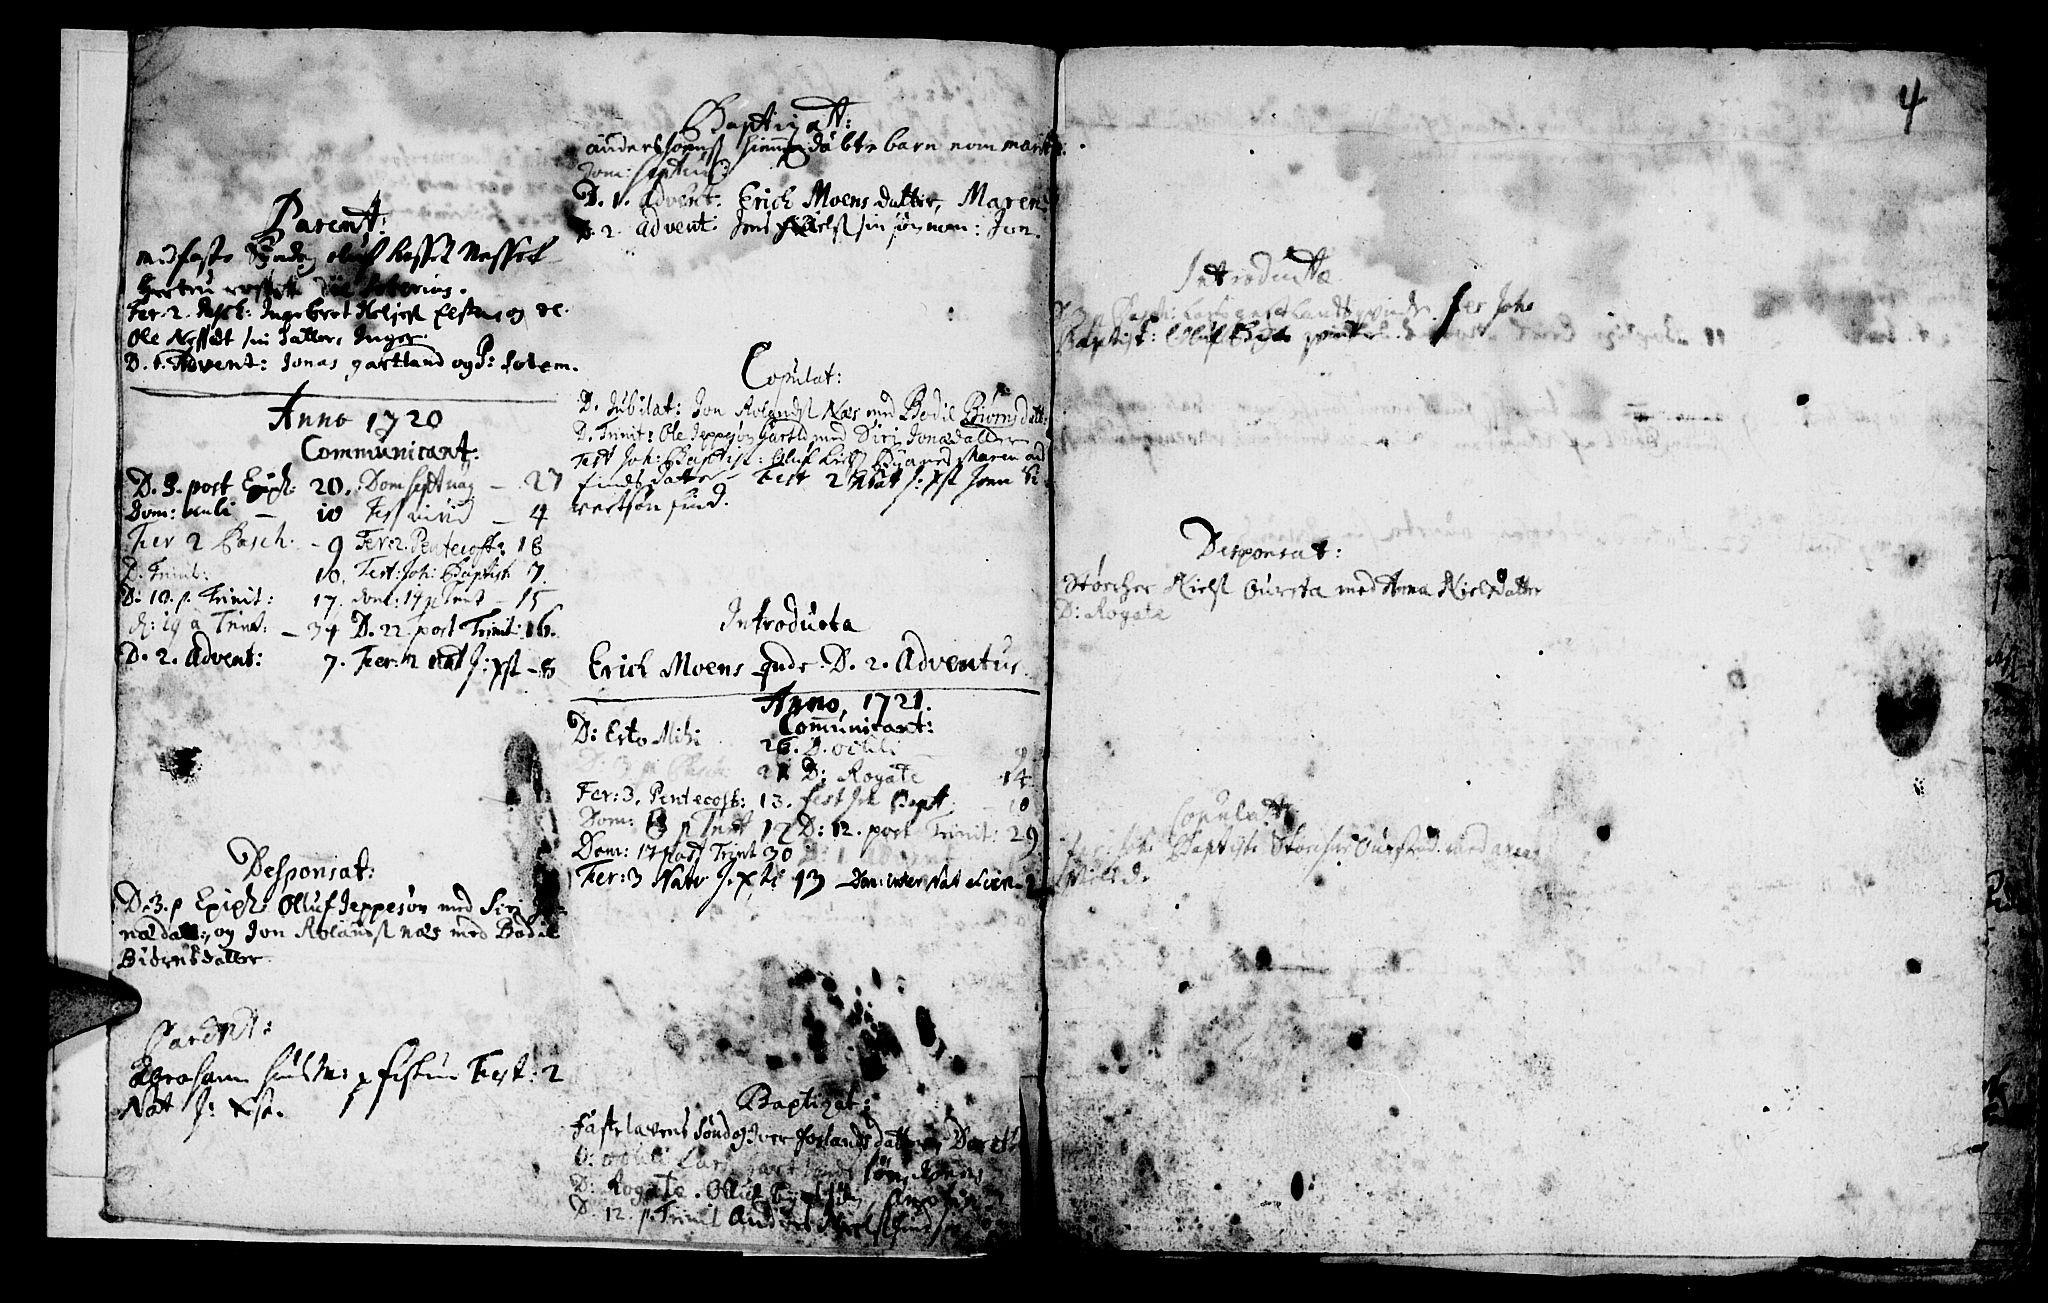 SAT, Ministerialprotokoller, klokkerbøker og fødselsregistre - Nord-Trøndelag, 759/L0525: Ministerialbok nr. 759A01, 1706-1748, s. 4